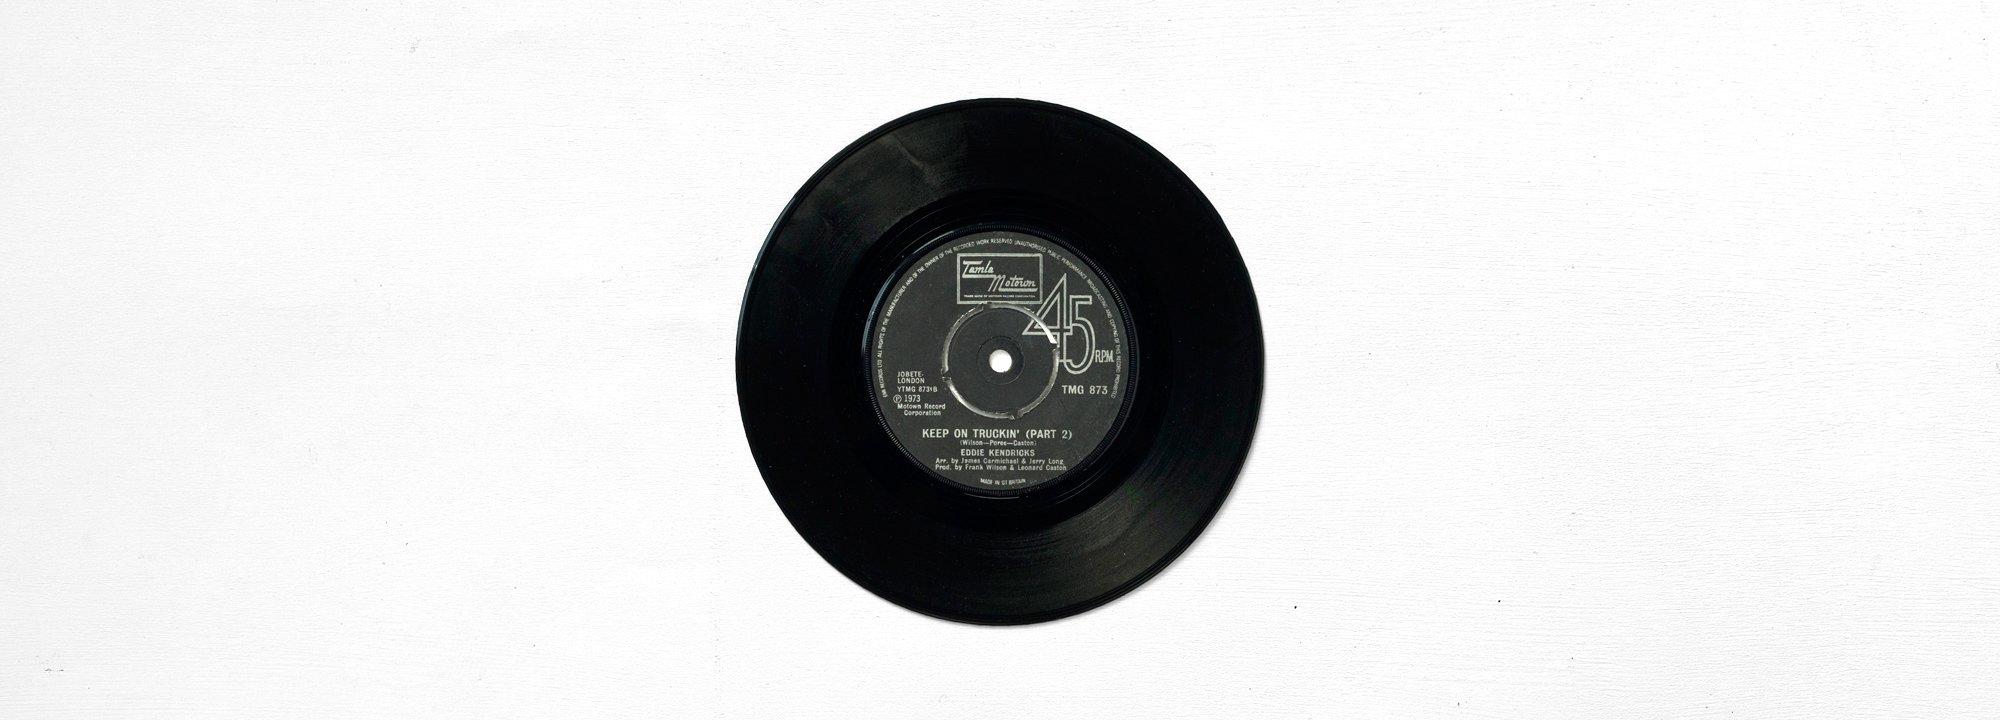 Keep On Truckin' : Eddie Kendricks